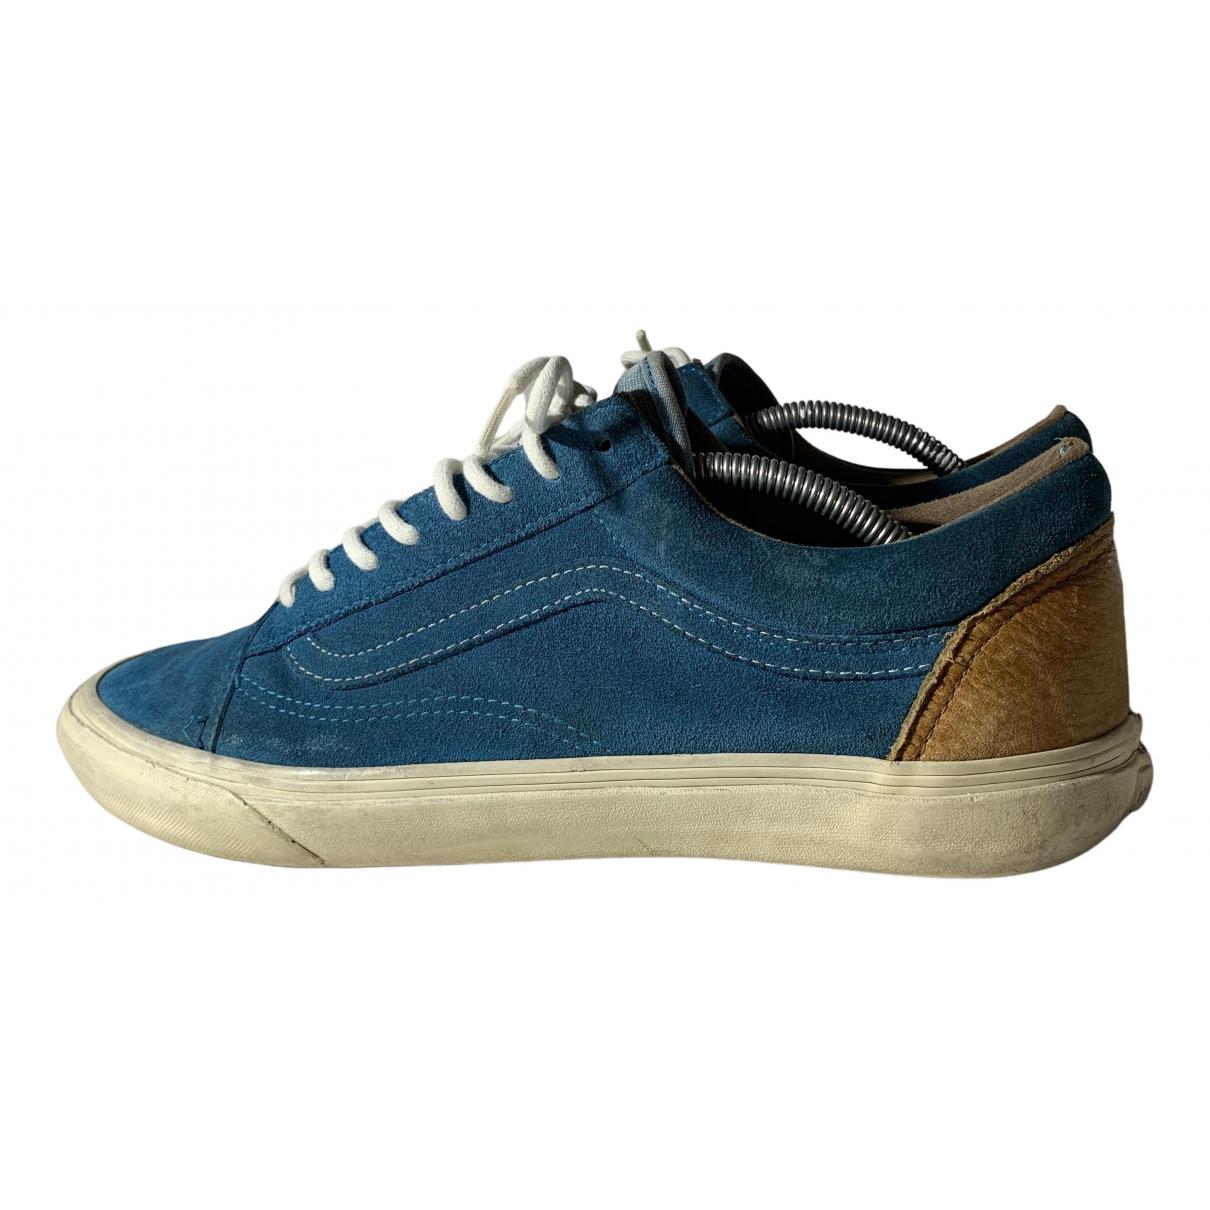 Vans - Baskets   pour homme en suede - bleu